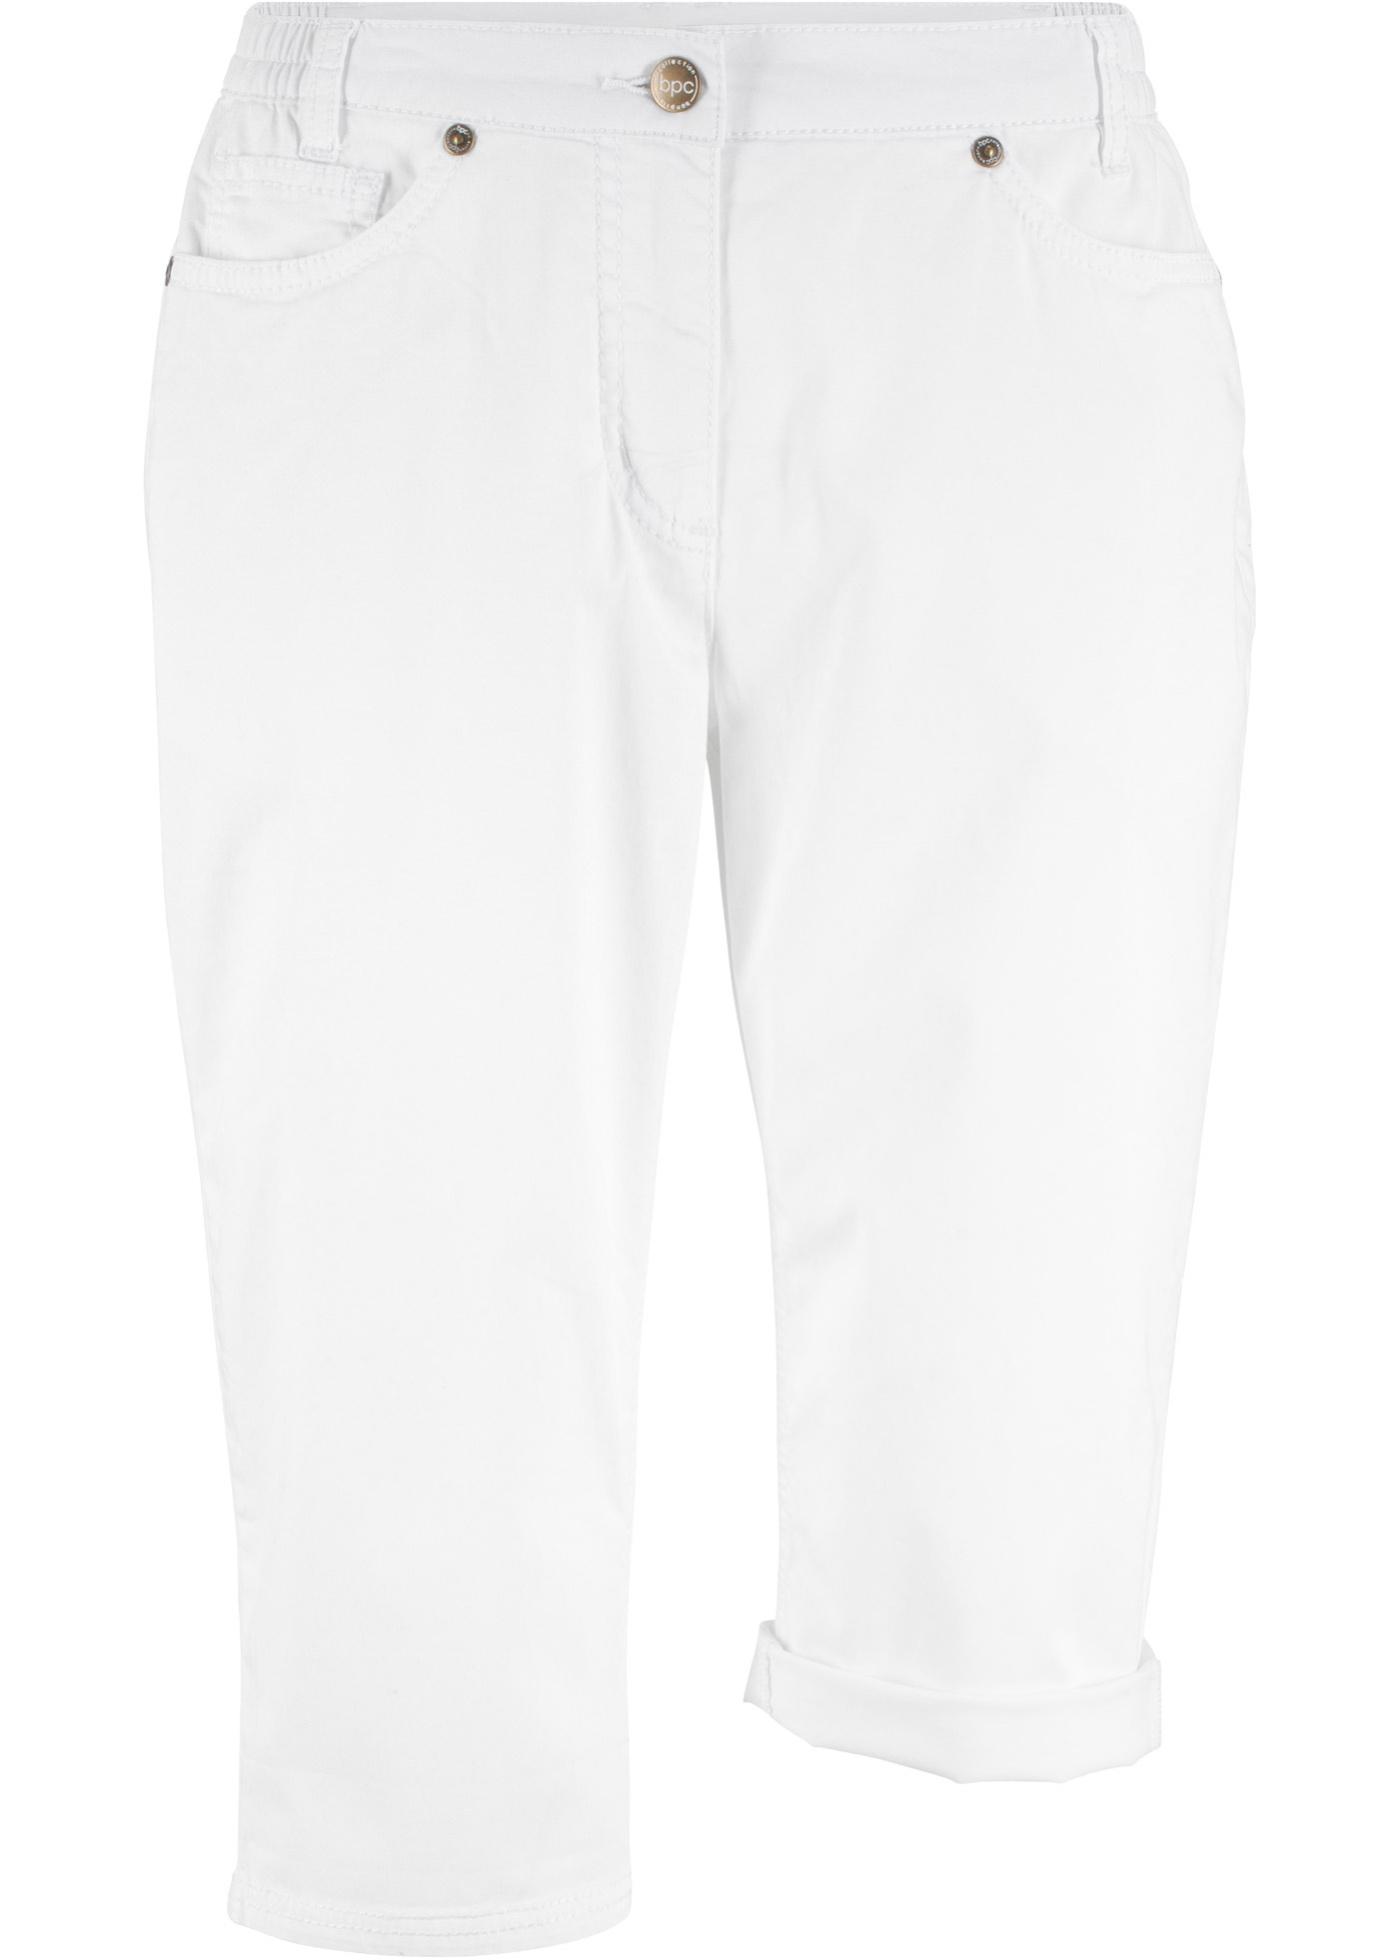 À CollectionBermuda Blanc Pour Bonprix Empiècement Femme Extensible Taille Confortable Bpc NPZkXnw80O